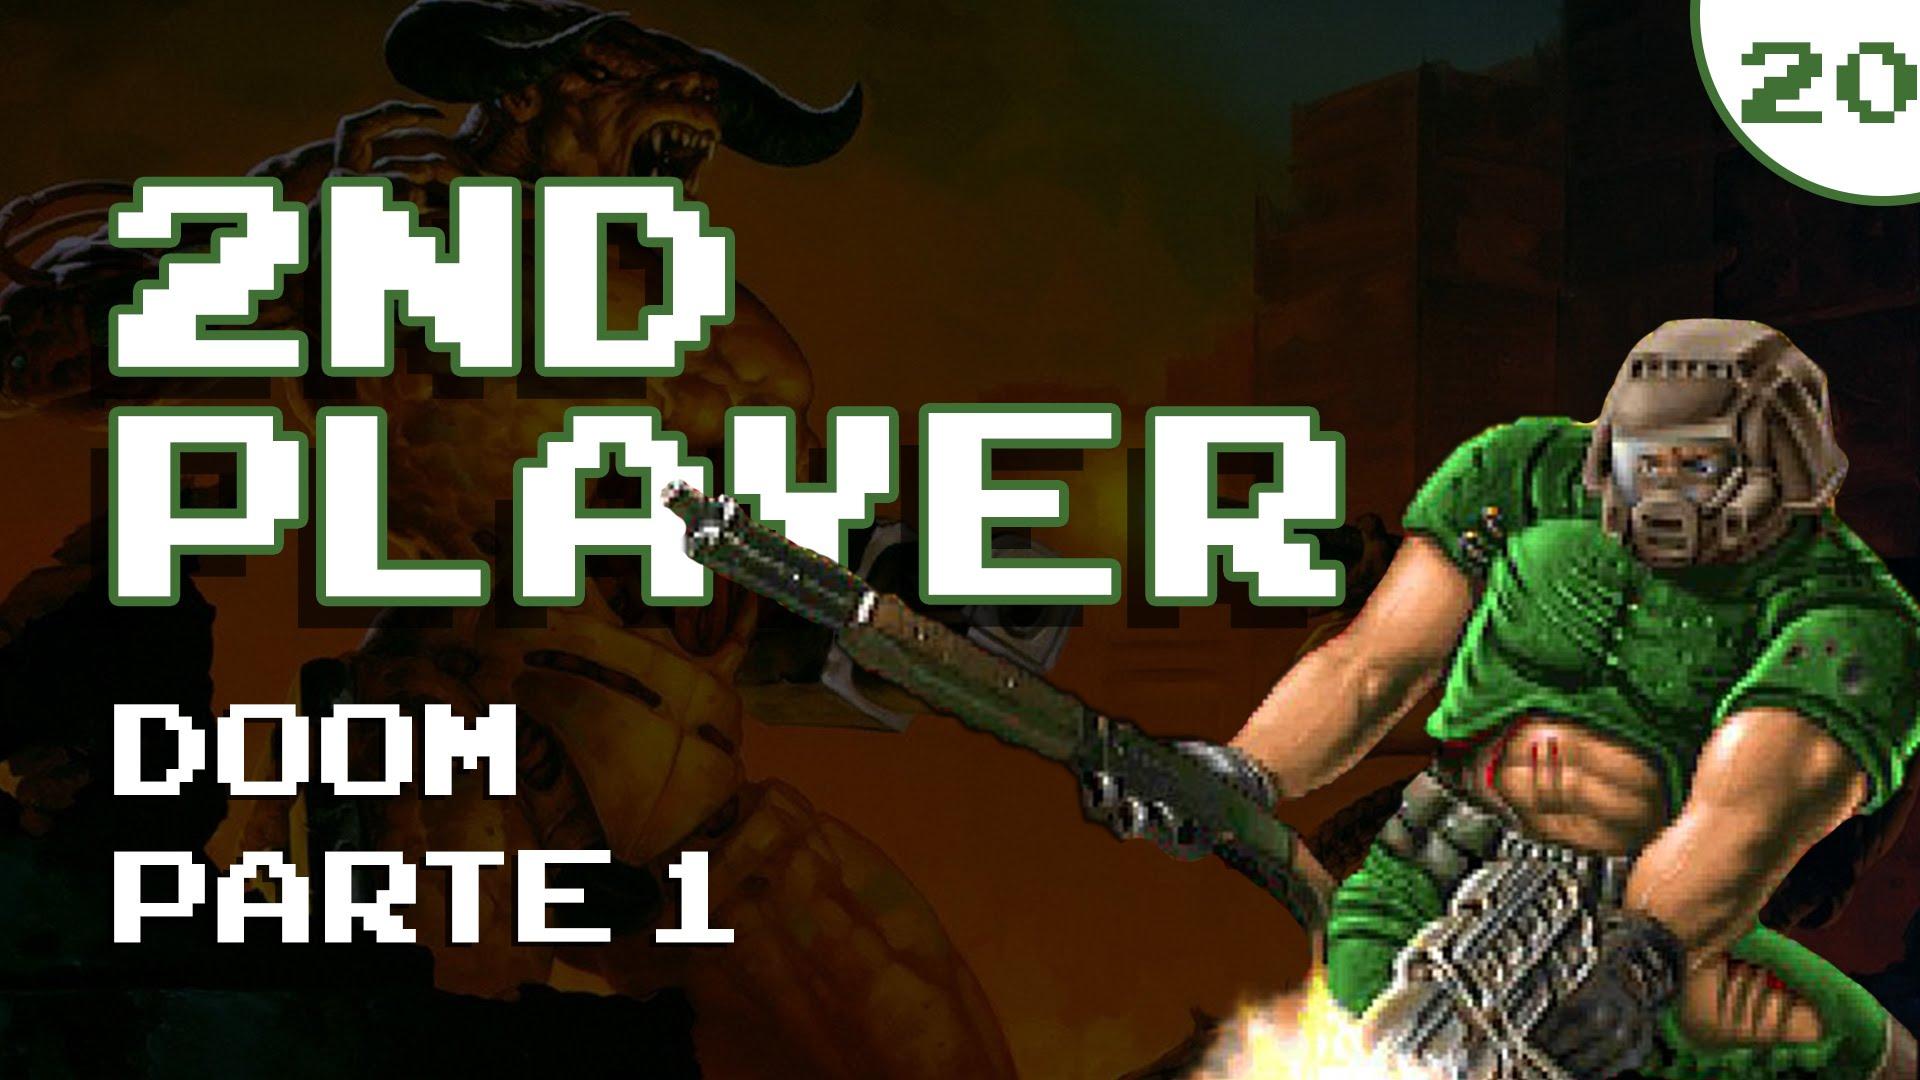 Jogámos o novo nível do John Romero para o primeiro Doom